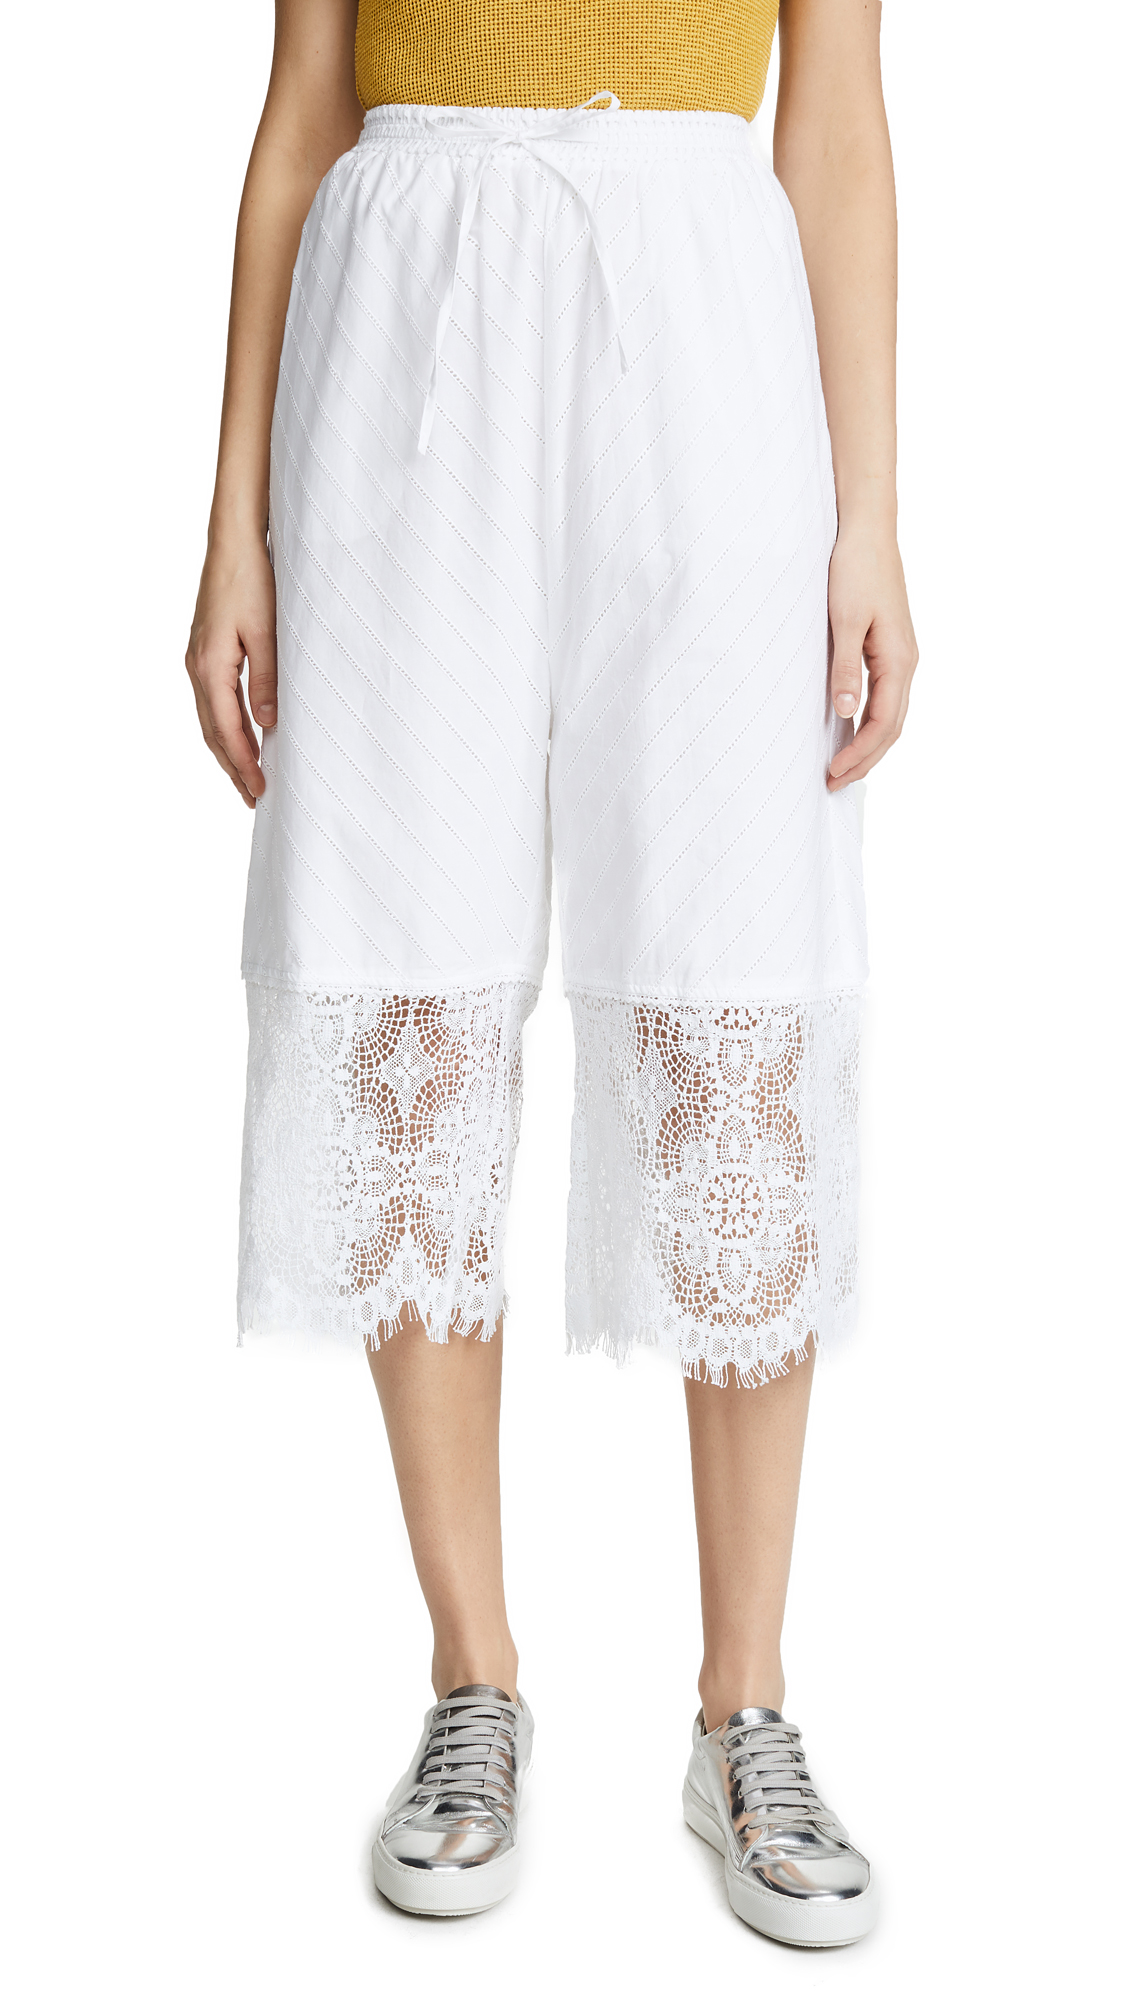 McQ - Alexander McQueen Broderie Summer Pants